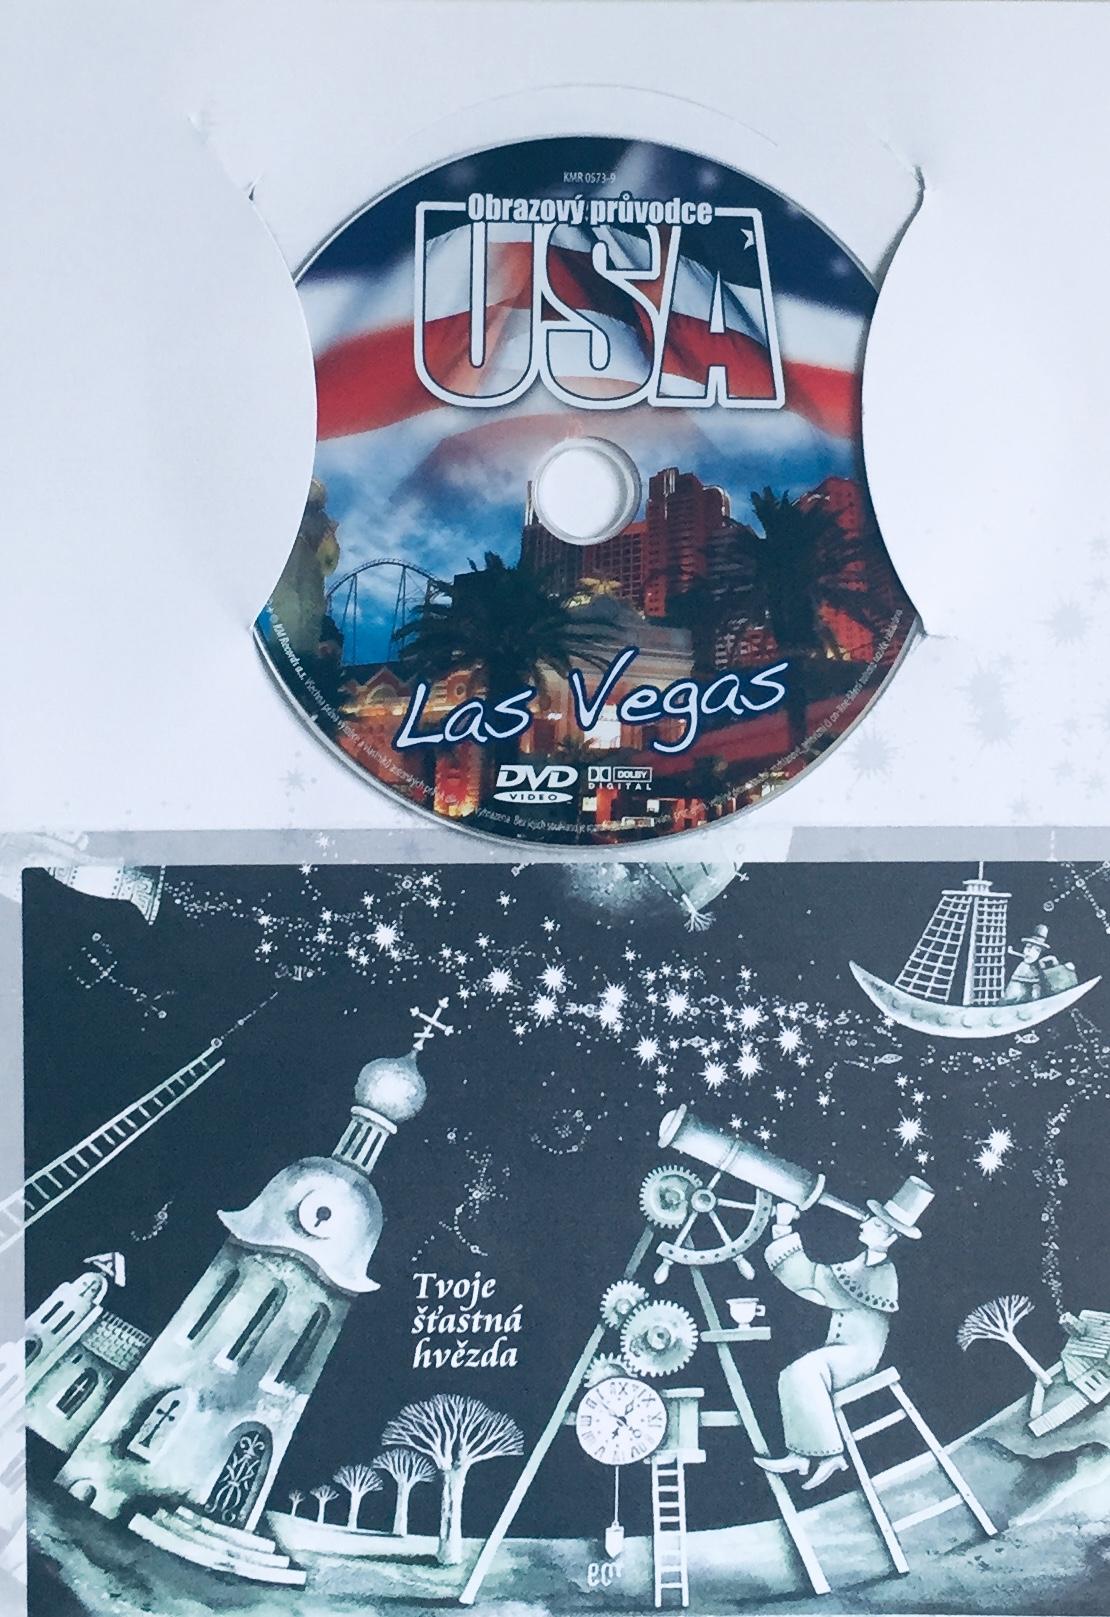 Obrazový průvodce - USA - Las Vegas - DVD /dárkový obal/